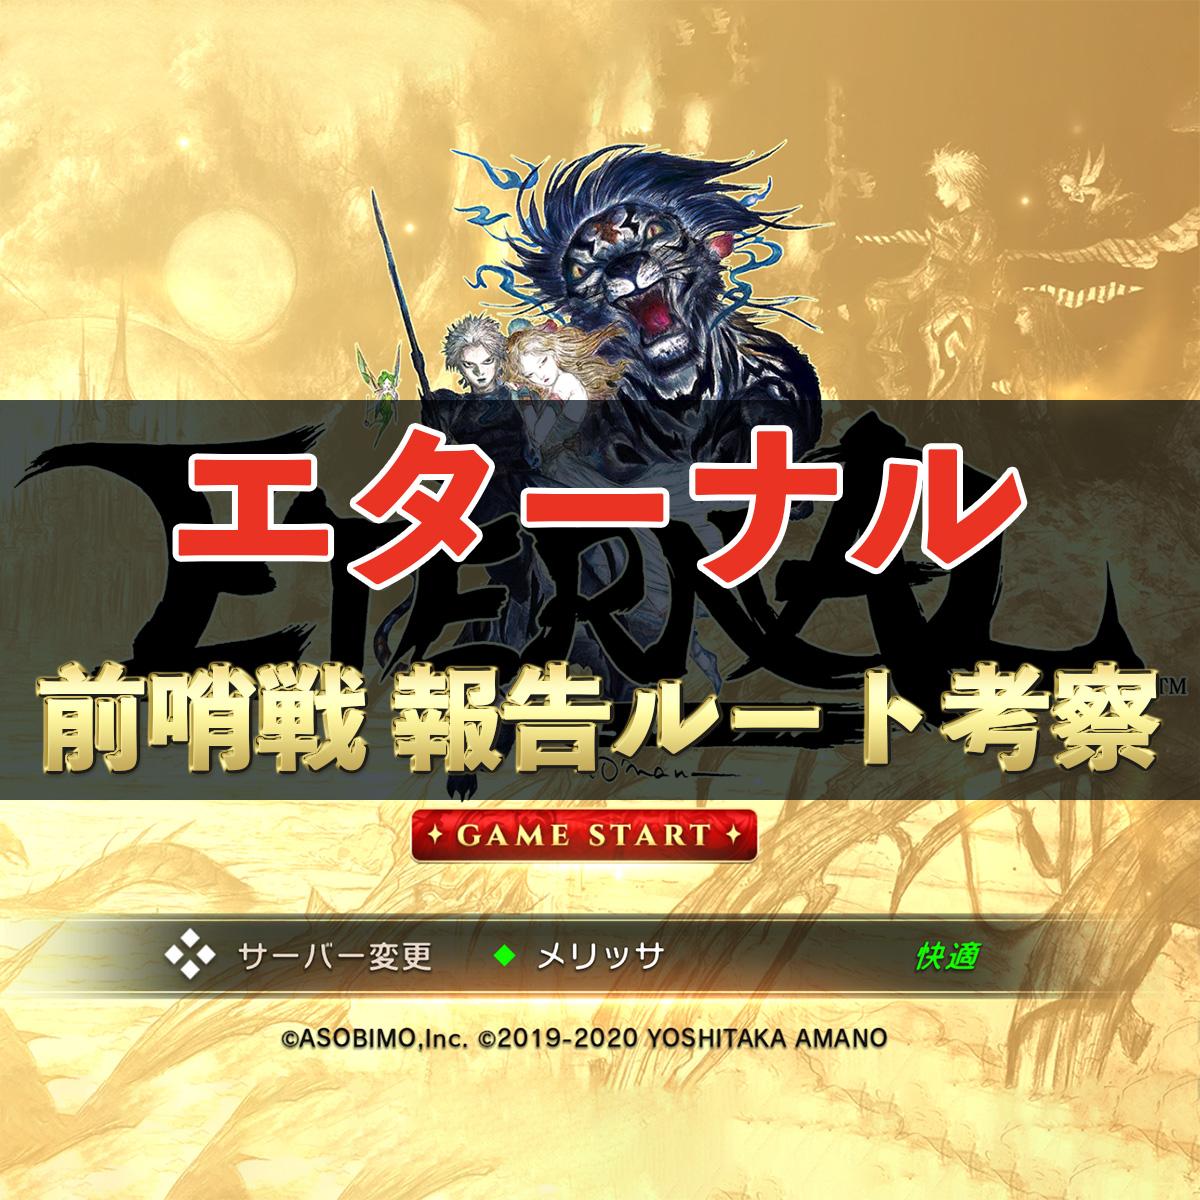 【エターナル】前哨戦対策! NPC報告ルート考察